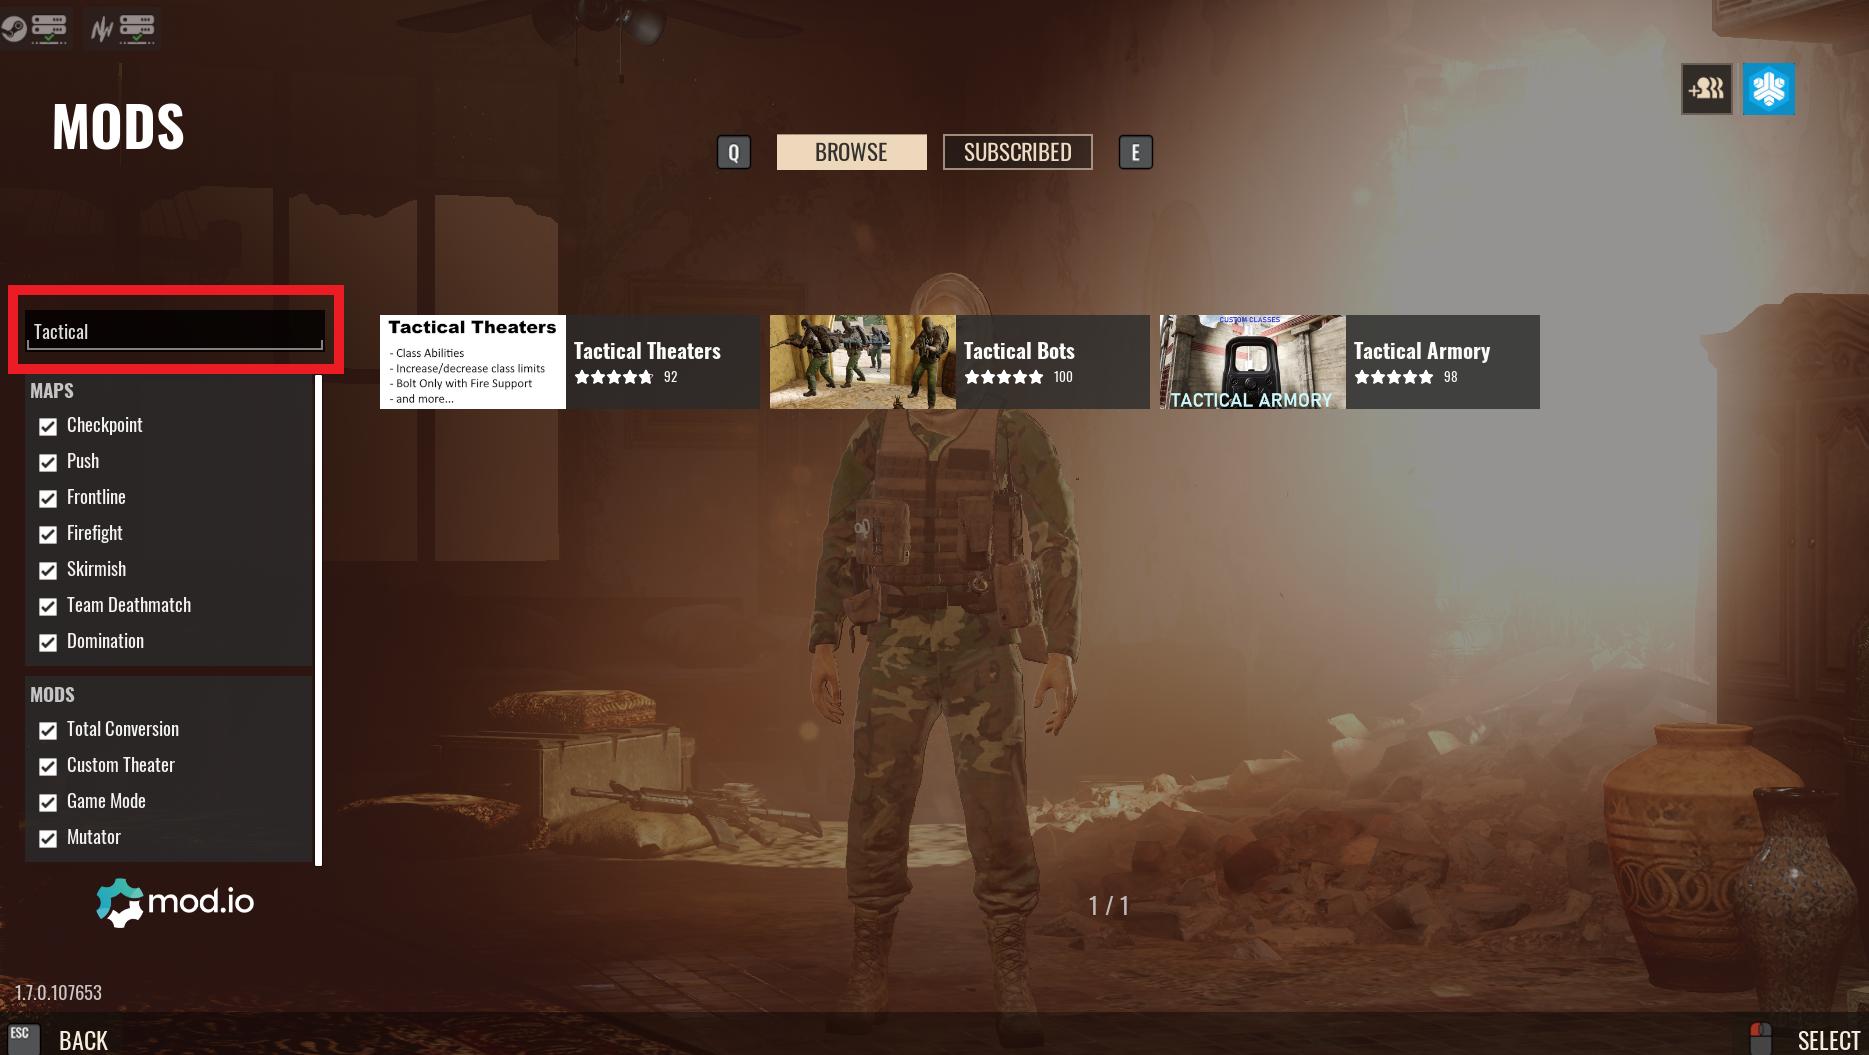 Widok modów do Insurgency: Sandstorm, pokazujący pasek wyszukiwania.